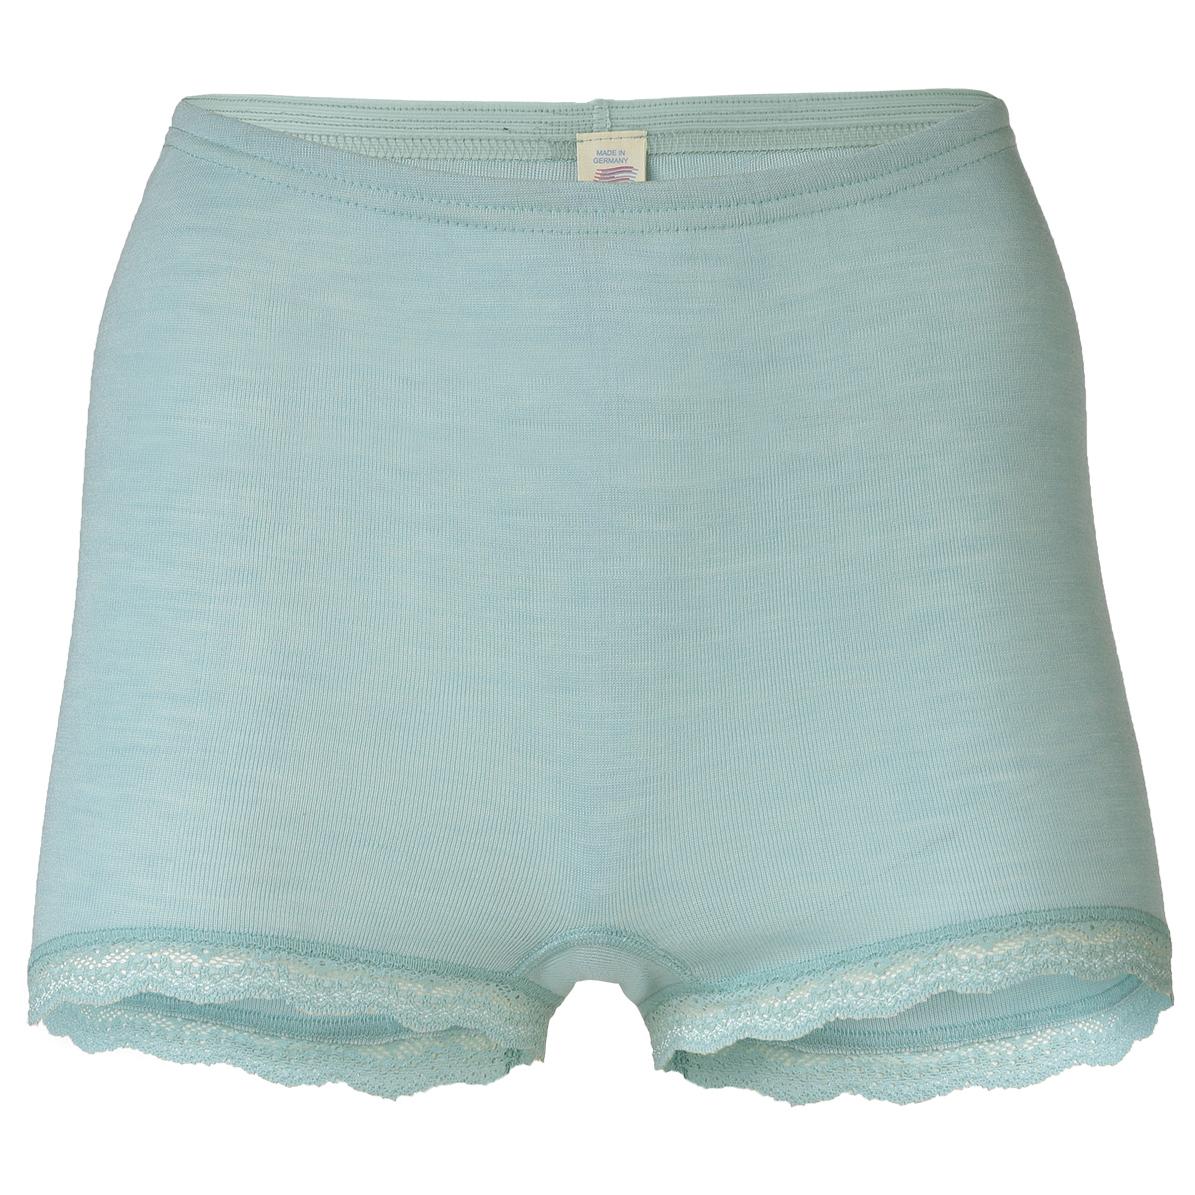 24c271d26e9698 Engel Pants mit Spitze - Seidenunterwäsche Damen online kaufen ...